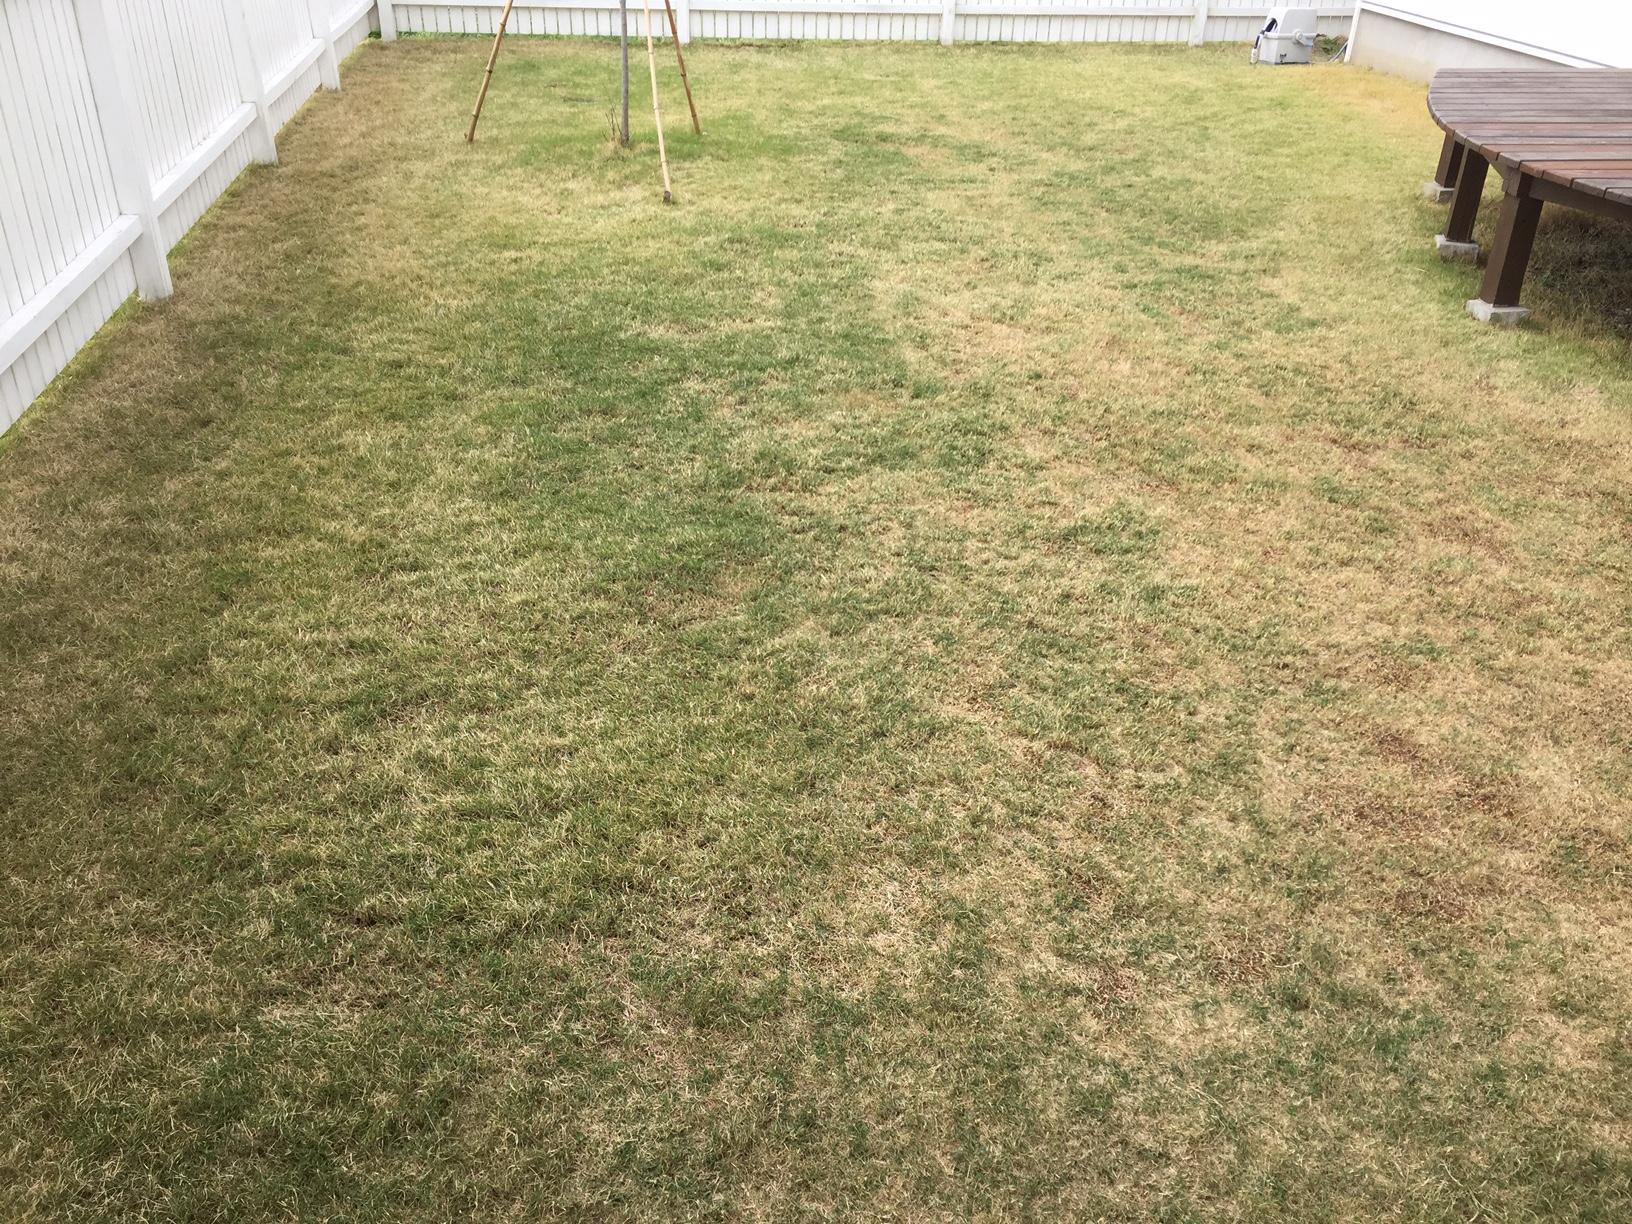 2020.05.10 芝生の状況